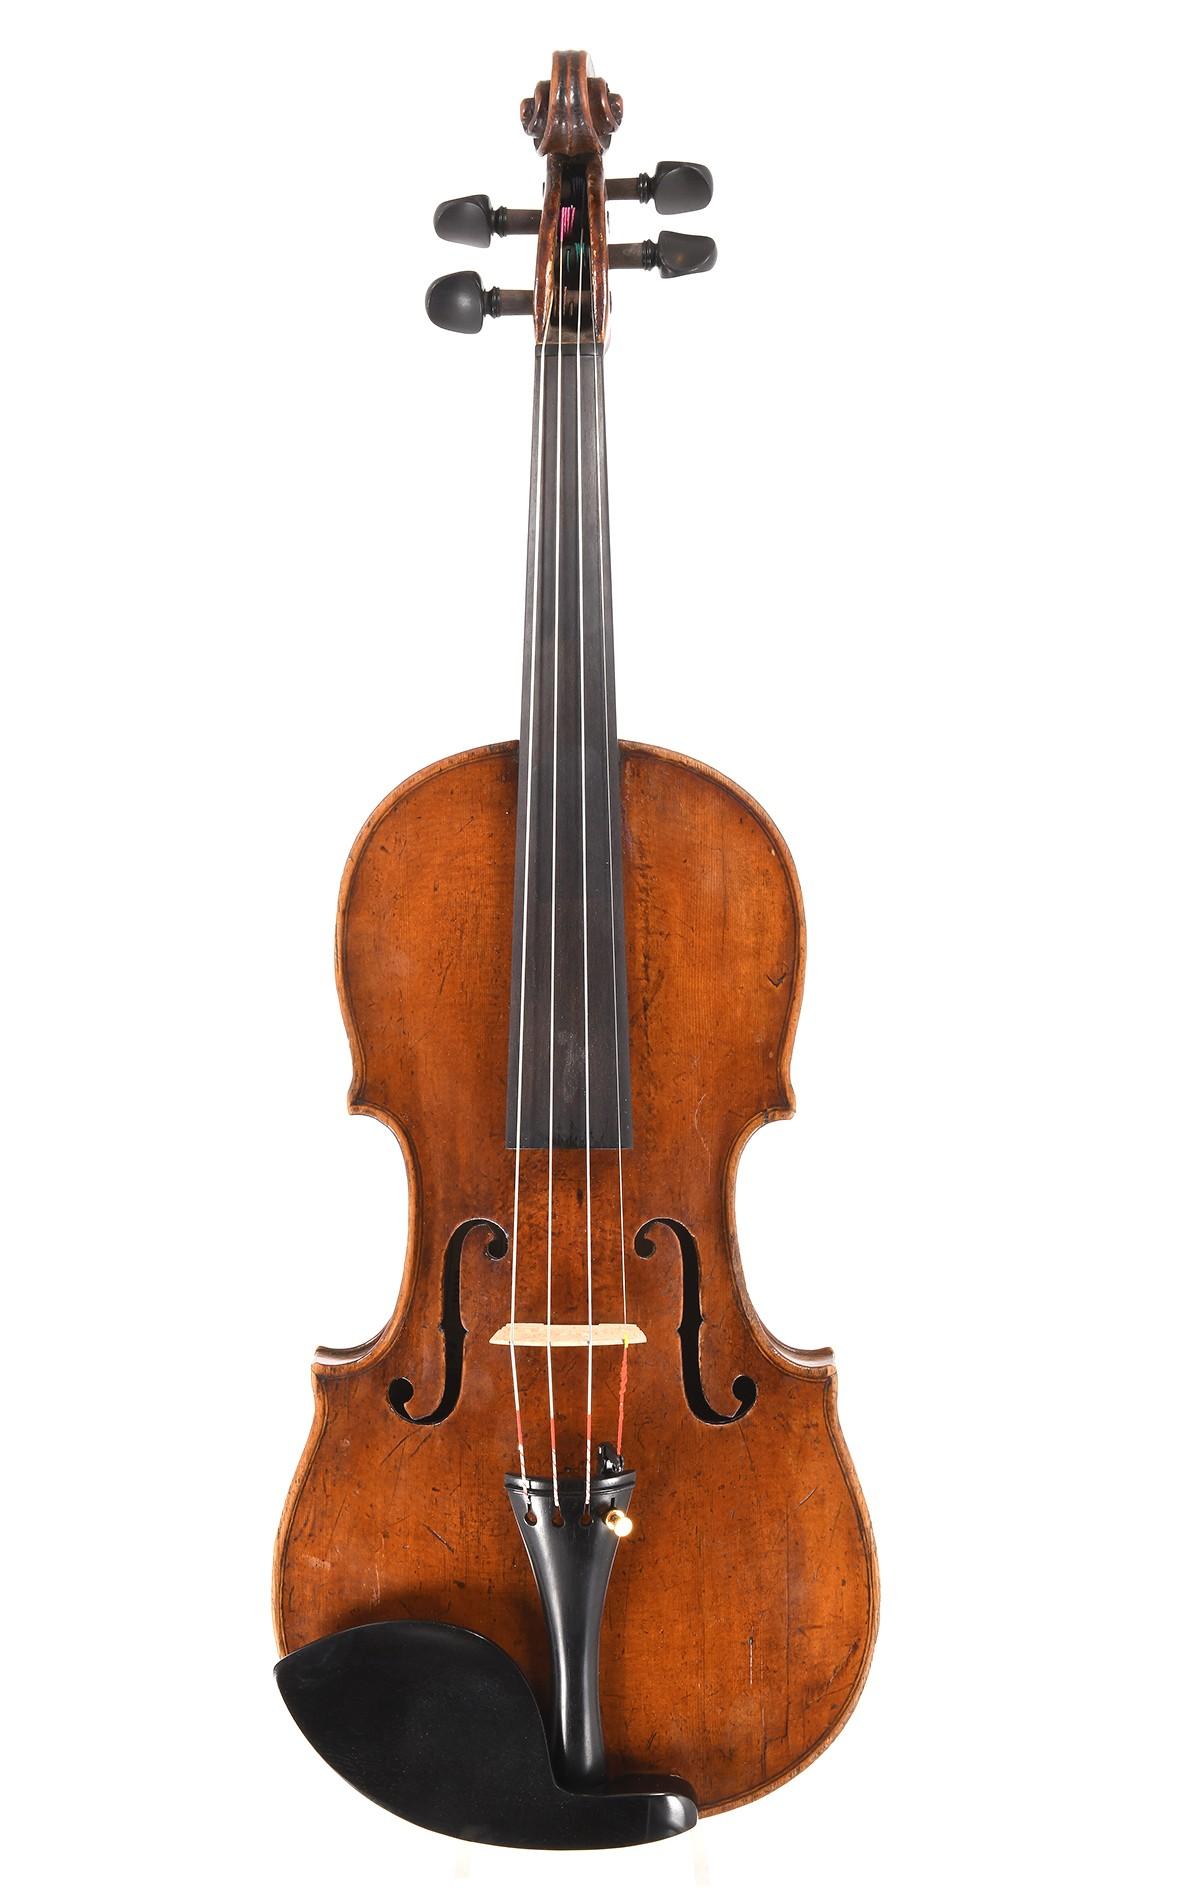 Süddeutsche Violine, 18. Jahrhundert